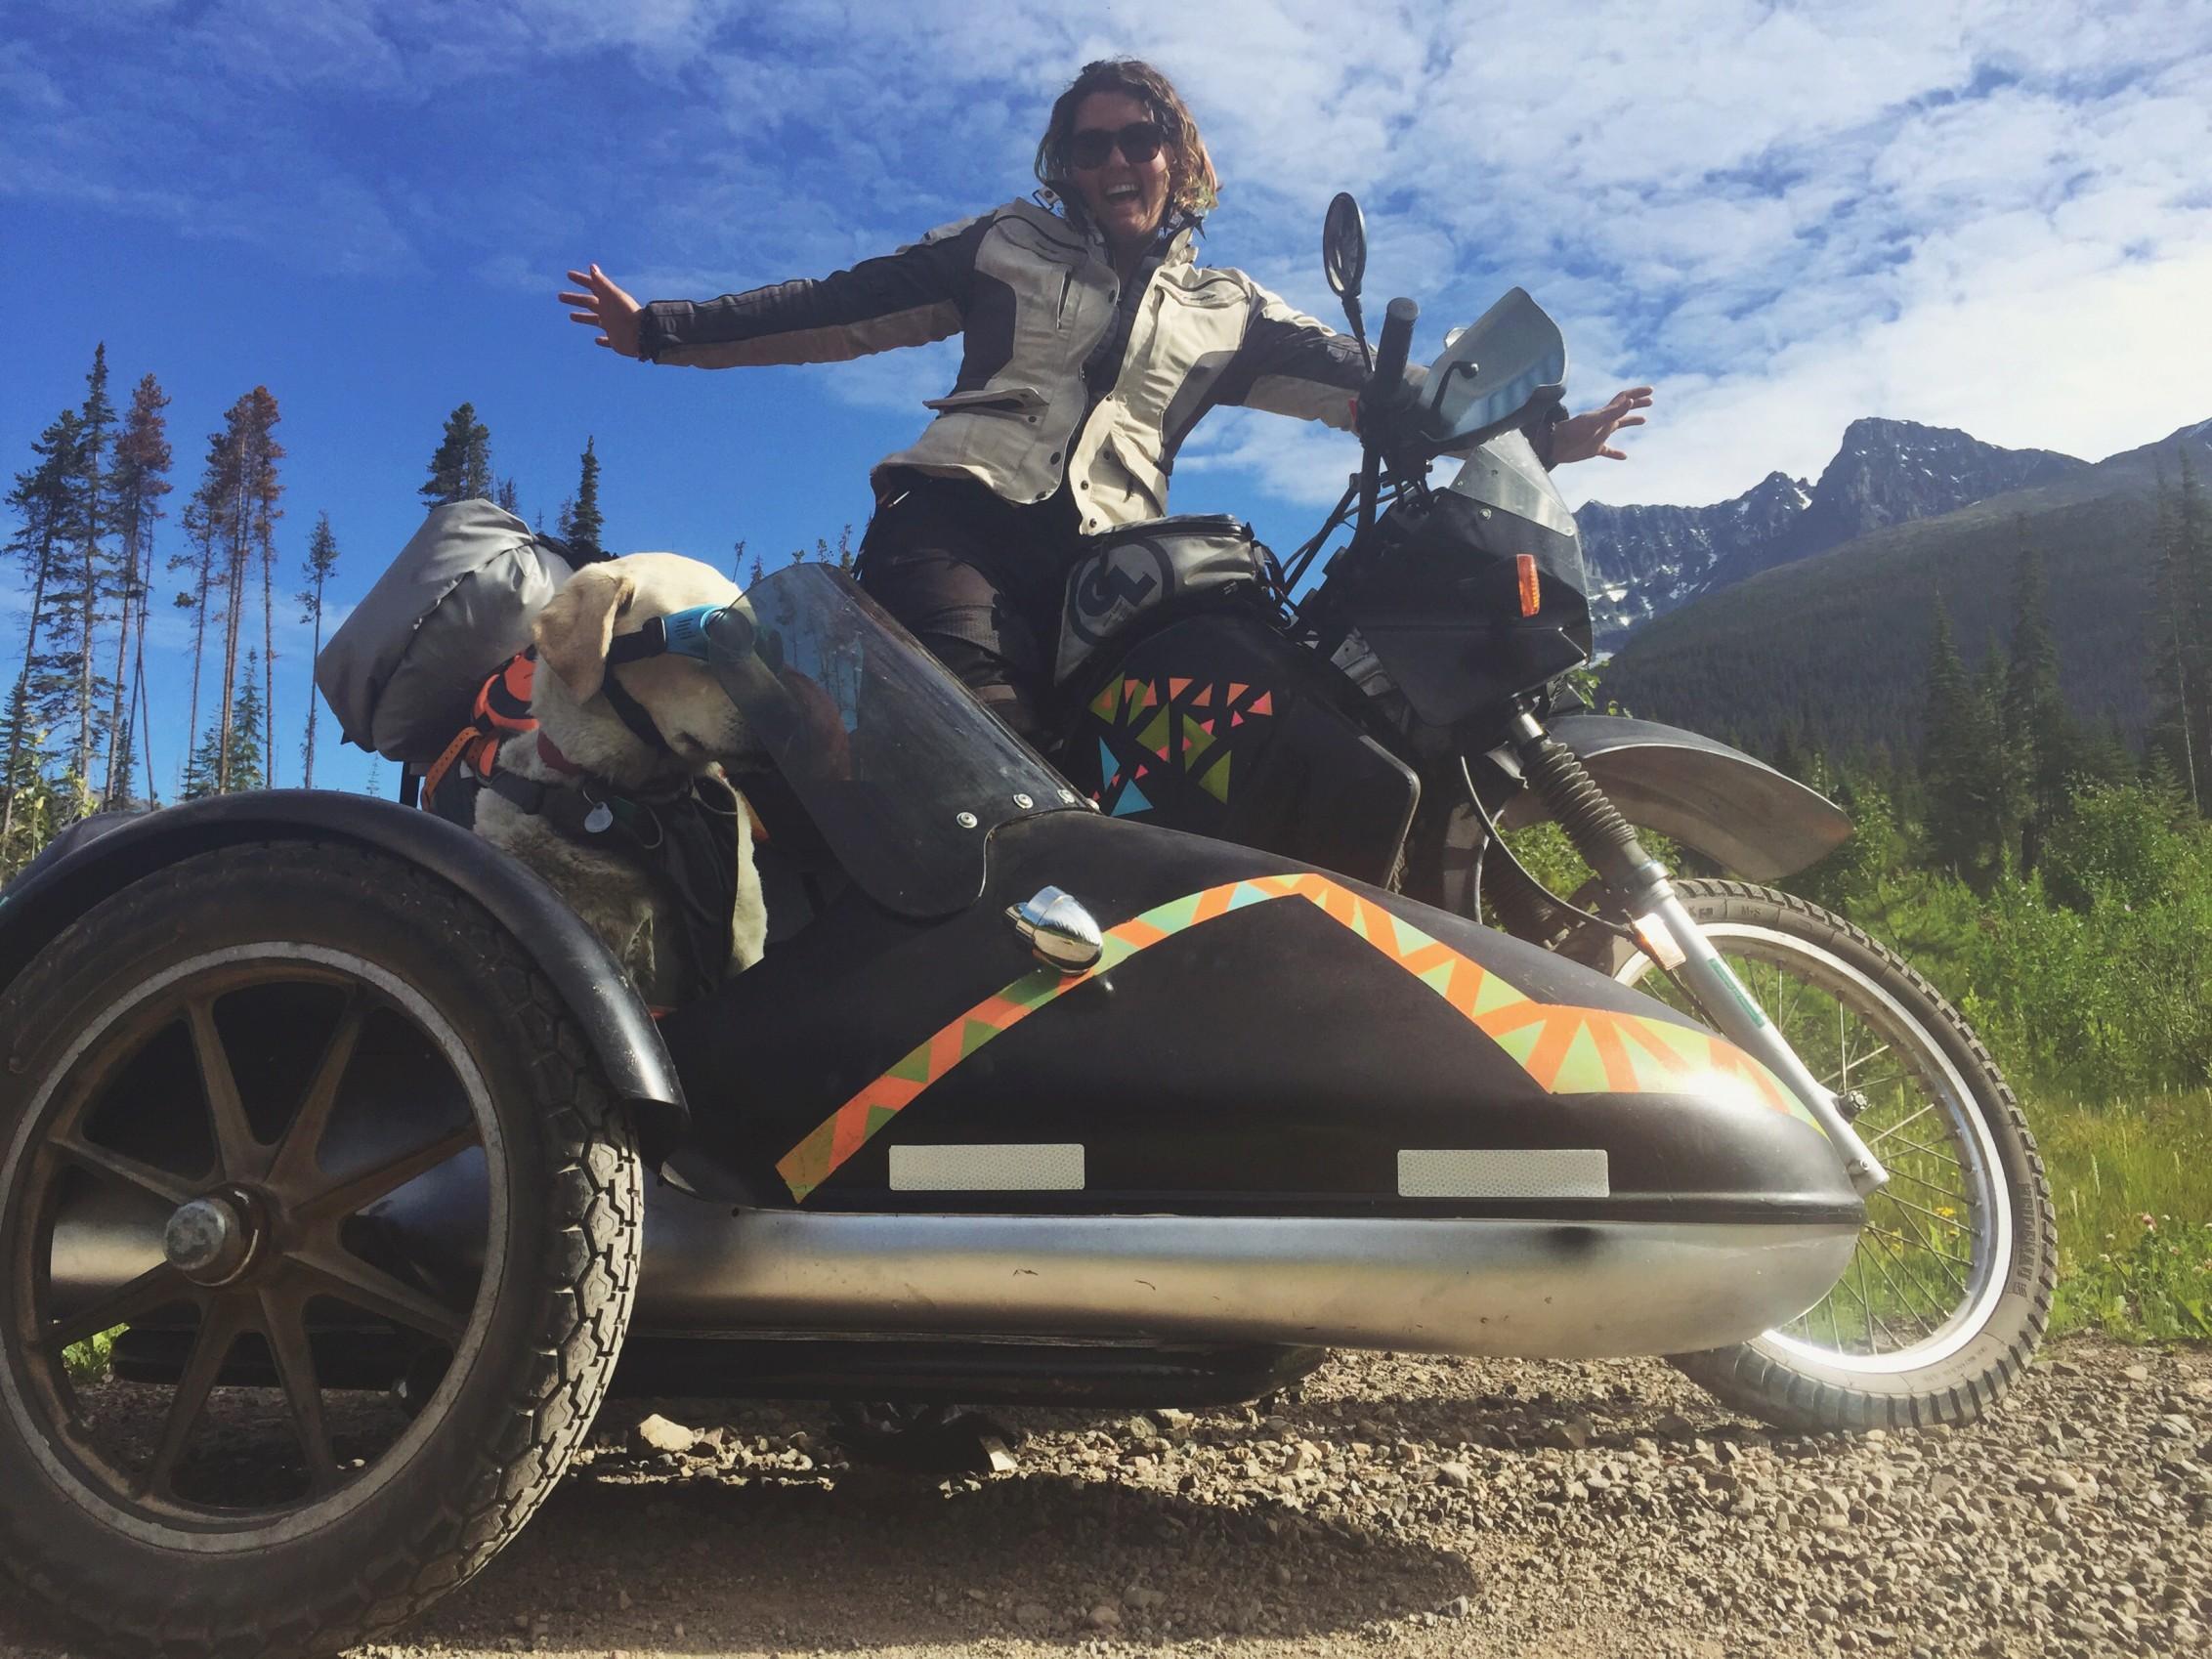 Operation Moto Dog - Headed to Alaska